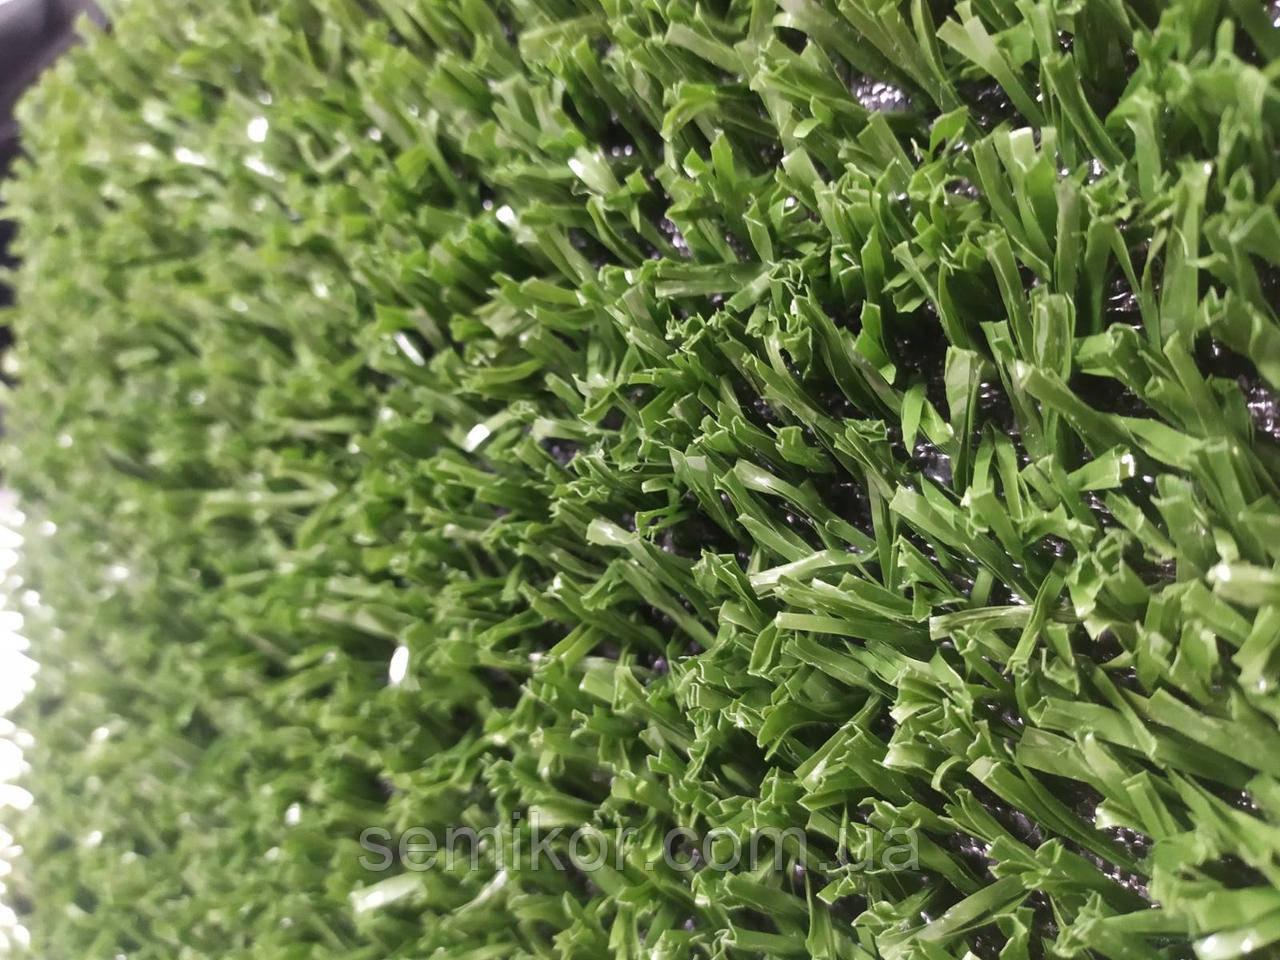 Искусственная трава для мультиспорта Bellin-Vinner 20 мм